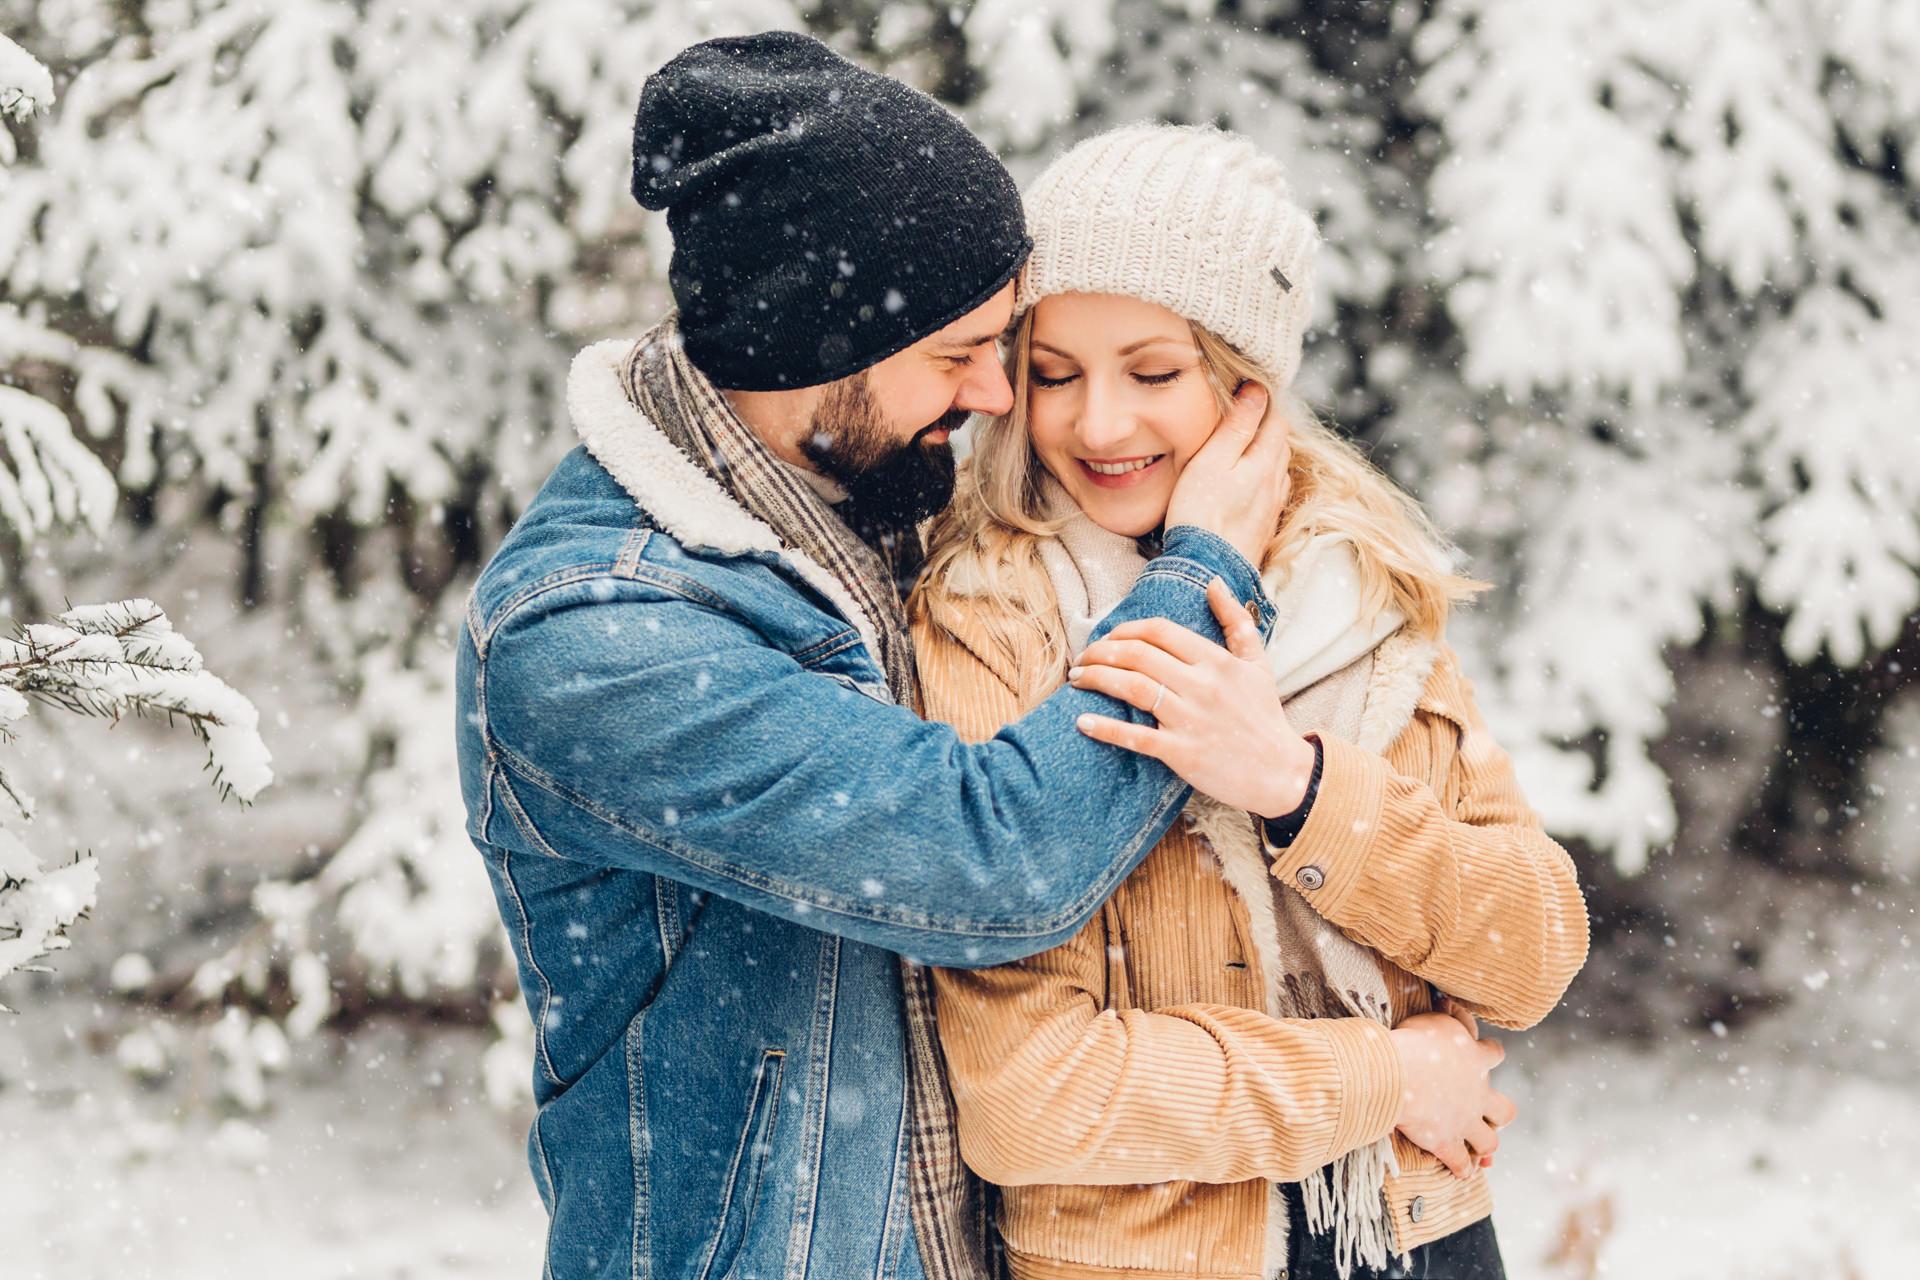 Verliebt und verlobt im Schnee, Pärchenshooting